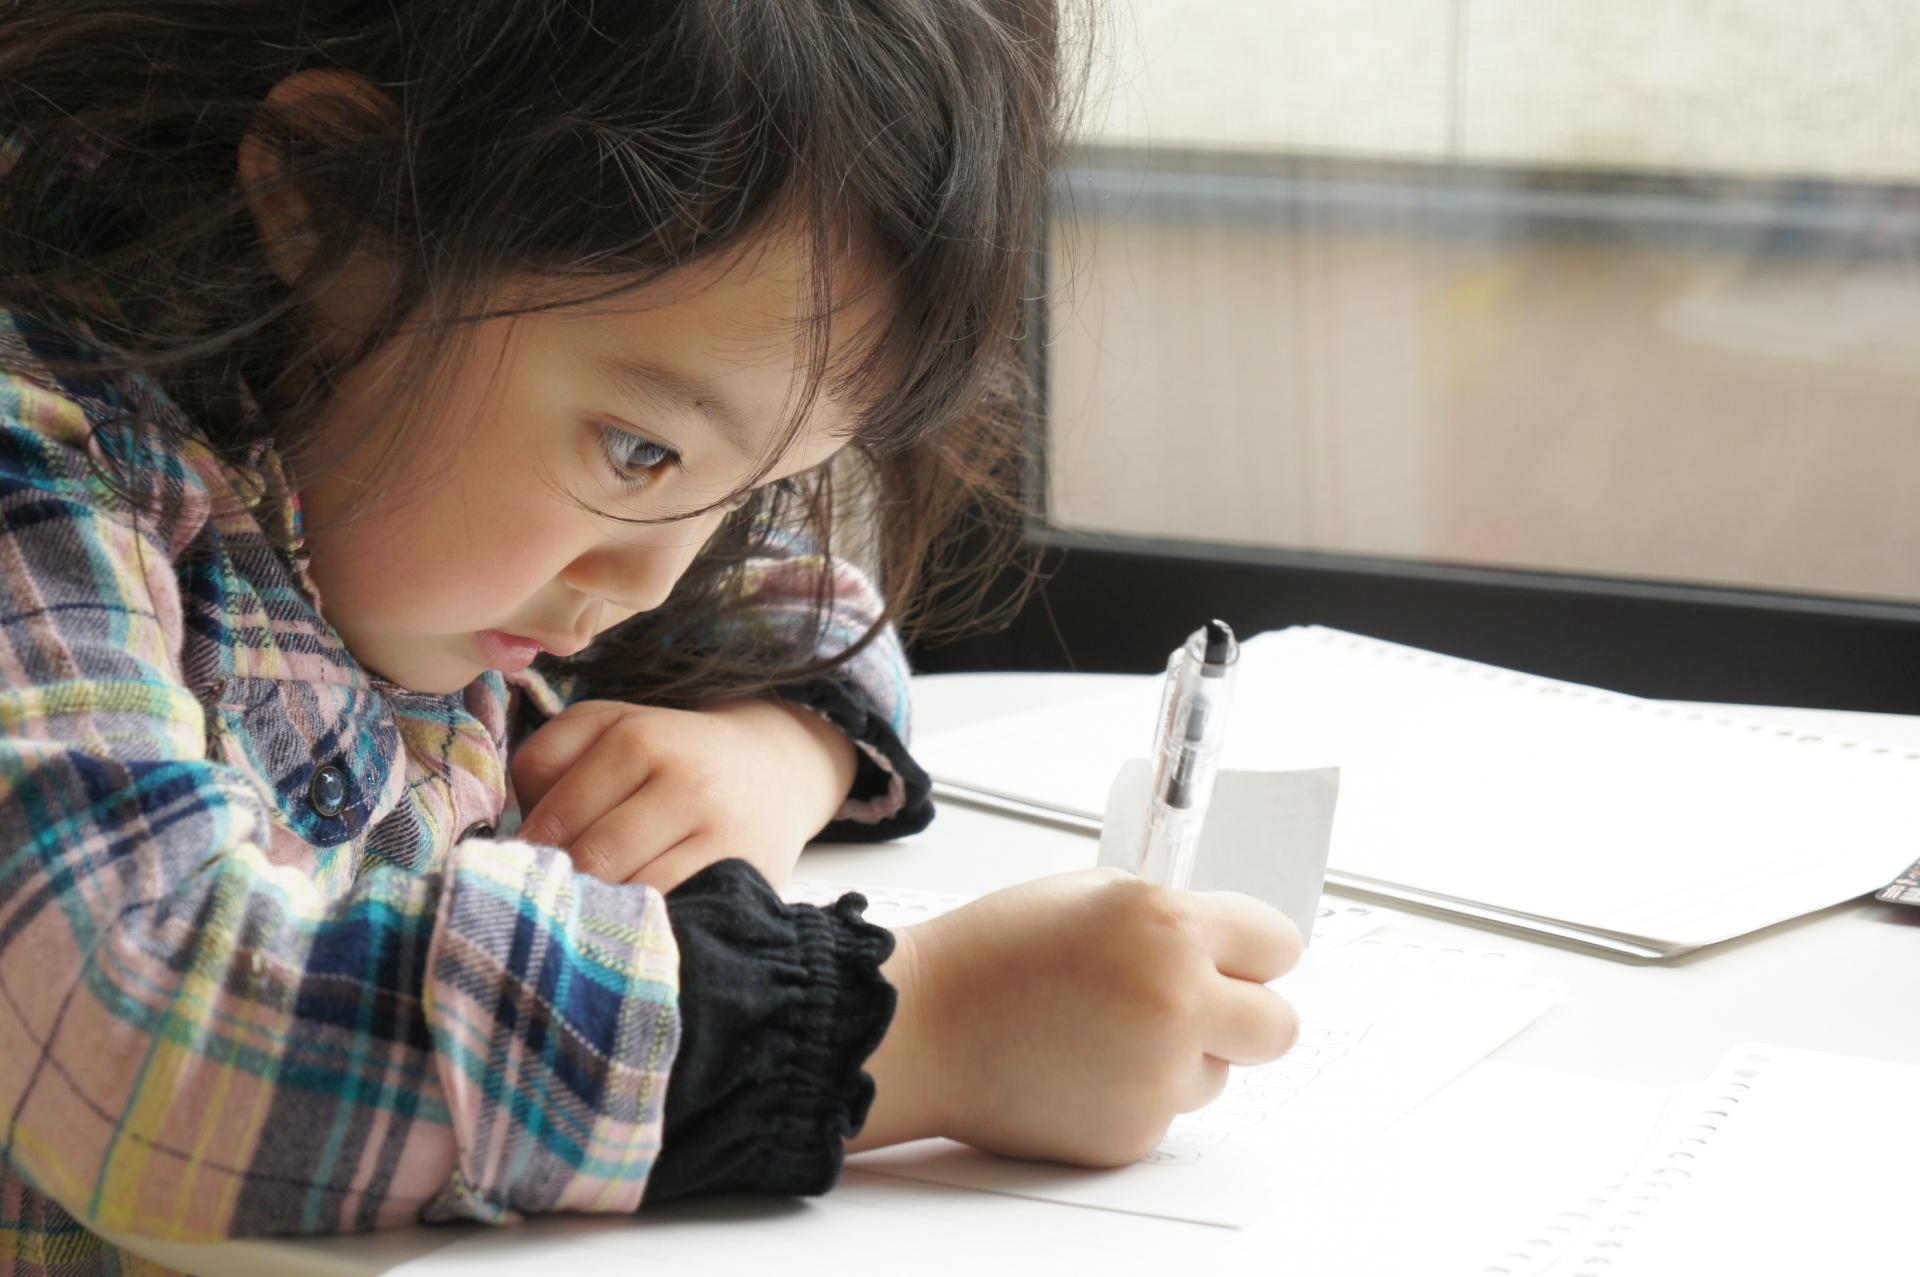 子どもの秘められた能力を引き出し、学力アップ!親が知っておきたい3つのポイントの画像2